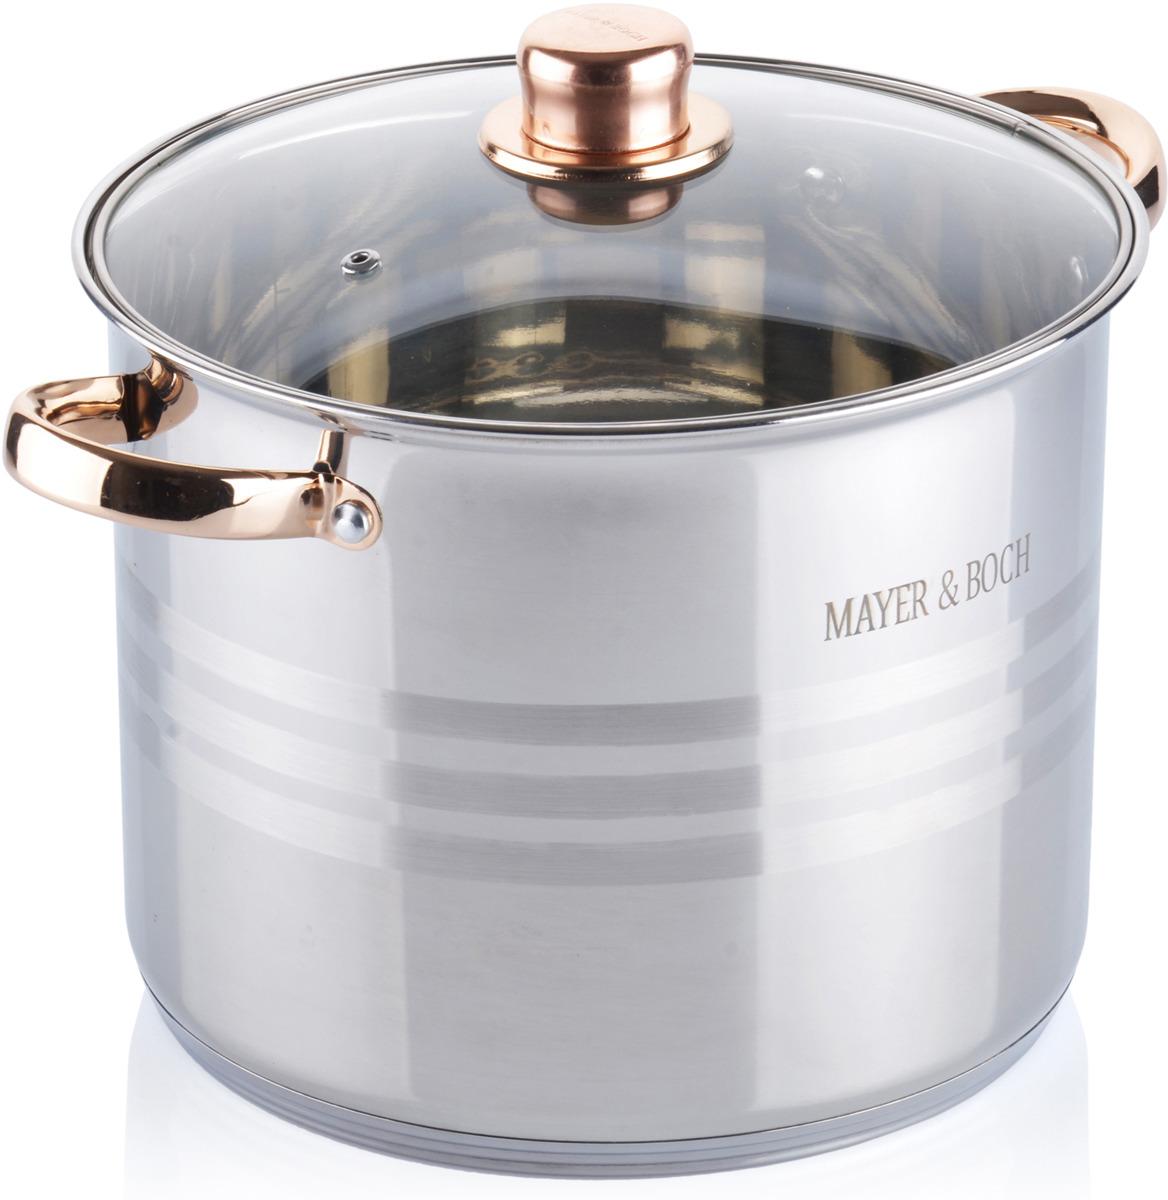 Кастрюля Mayer & Boch выполнена из высококачественной нержавеющей пищевой стали с зеркальной внешней поверхностью. Внутренняя поверхность идеально ровная, что значительно облегчает мытье. Крышка, выполнена из термостойкого стекла, имеет отверстие паровыпуска и металлический обод. Крышка плотно прилегает к краям посуды, предотвращая проливание жидкости и сохраняя аромат блюд. Также изделия снабжены эргономичными стальными ручками. В комплекте 2 предмета: кастрюля и крышка. Подходит для использования на всех типах плит, включая индукционные. Подходит для мытья в посудомоечной машине.